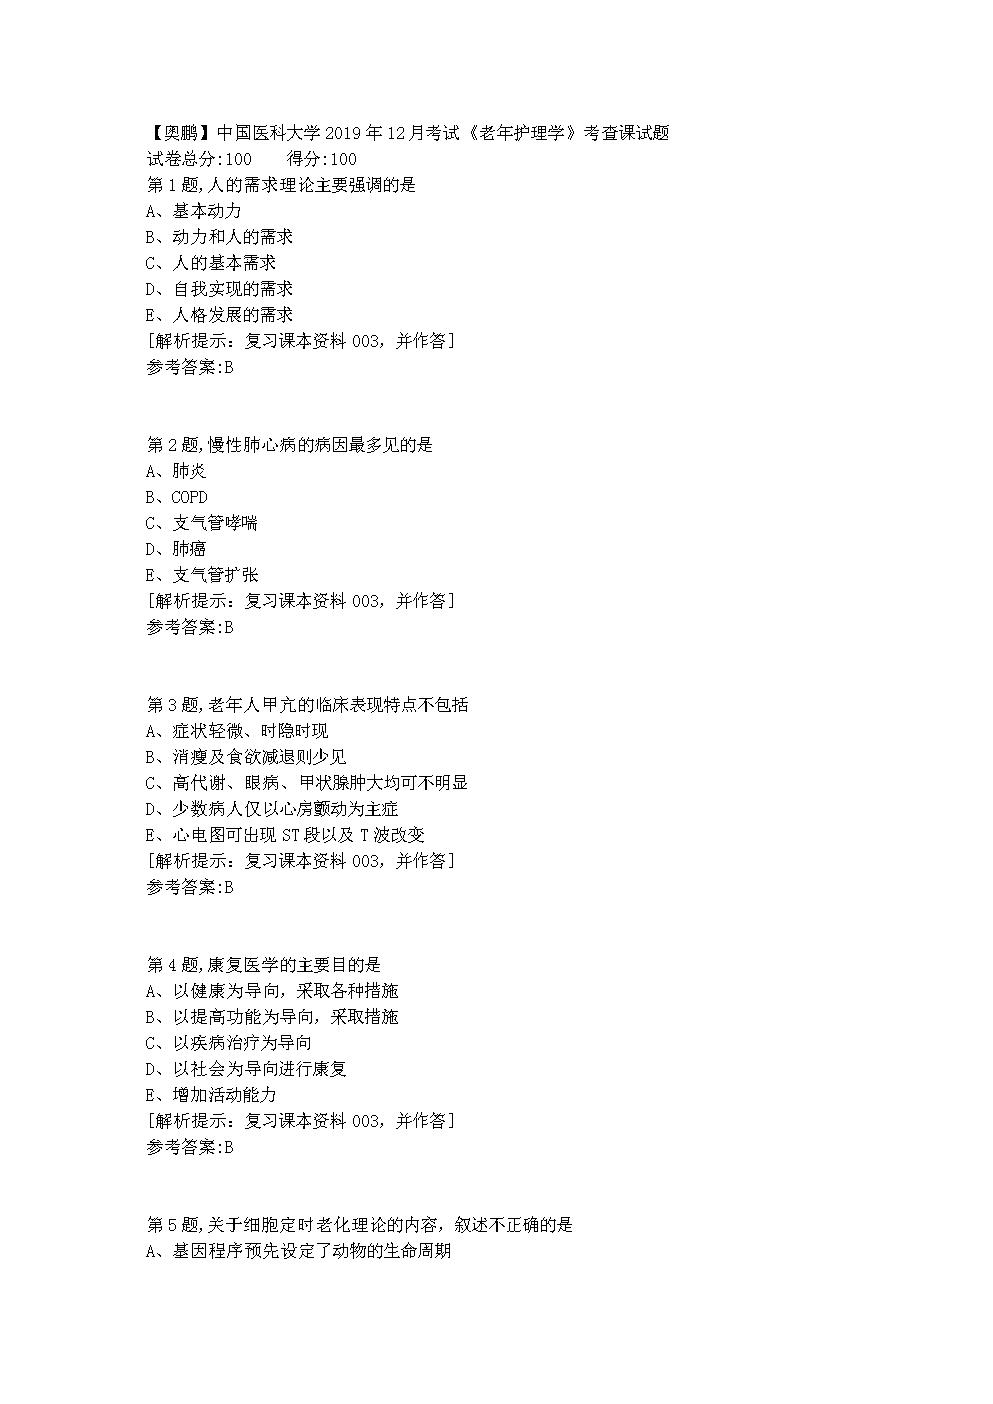 中国医科大学2019年12月考试《老年护理学》考查课试题[资料答案].doc